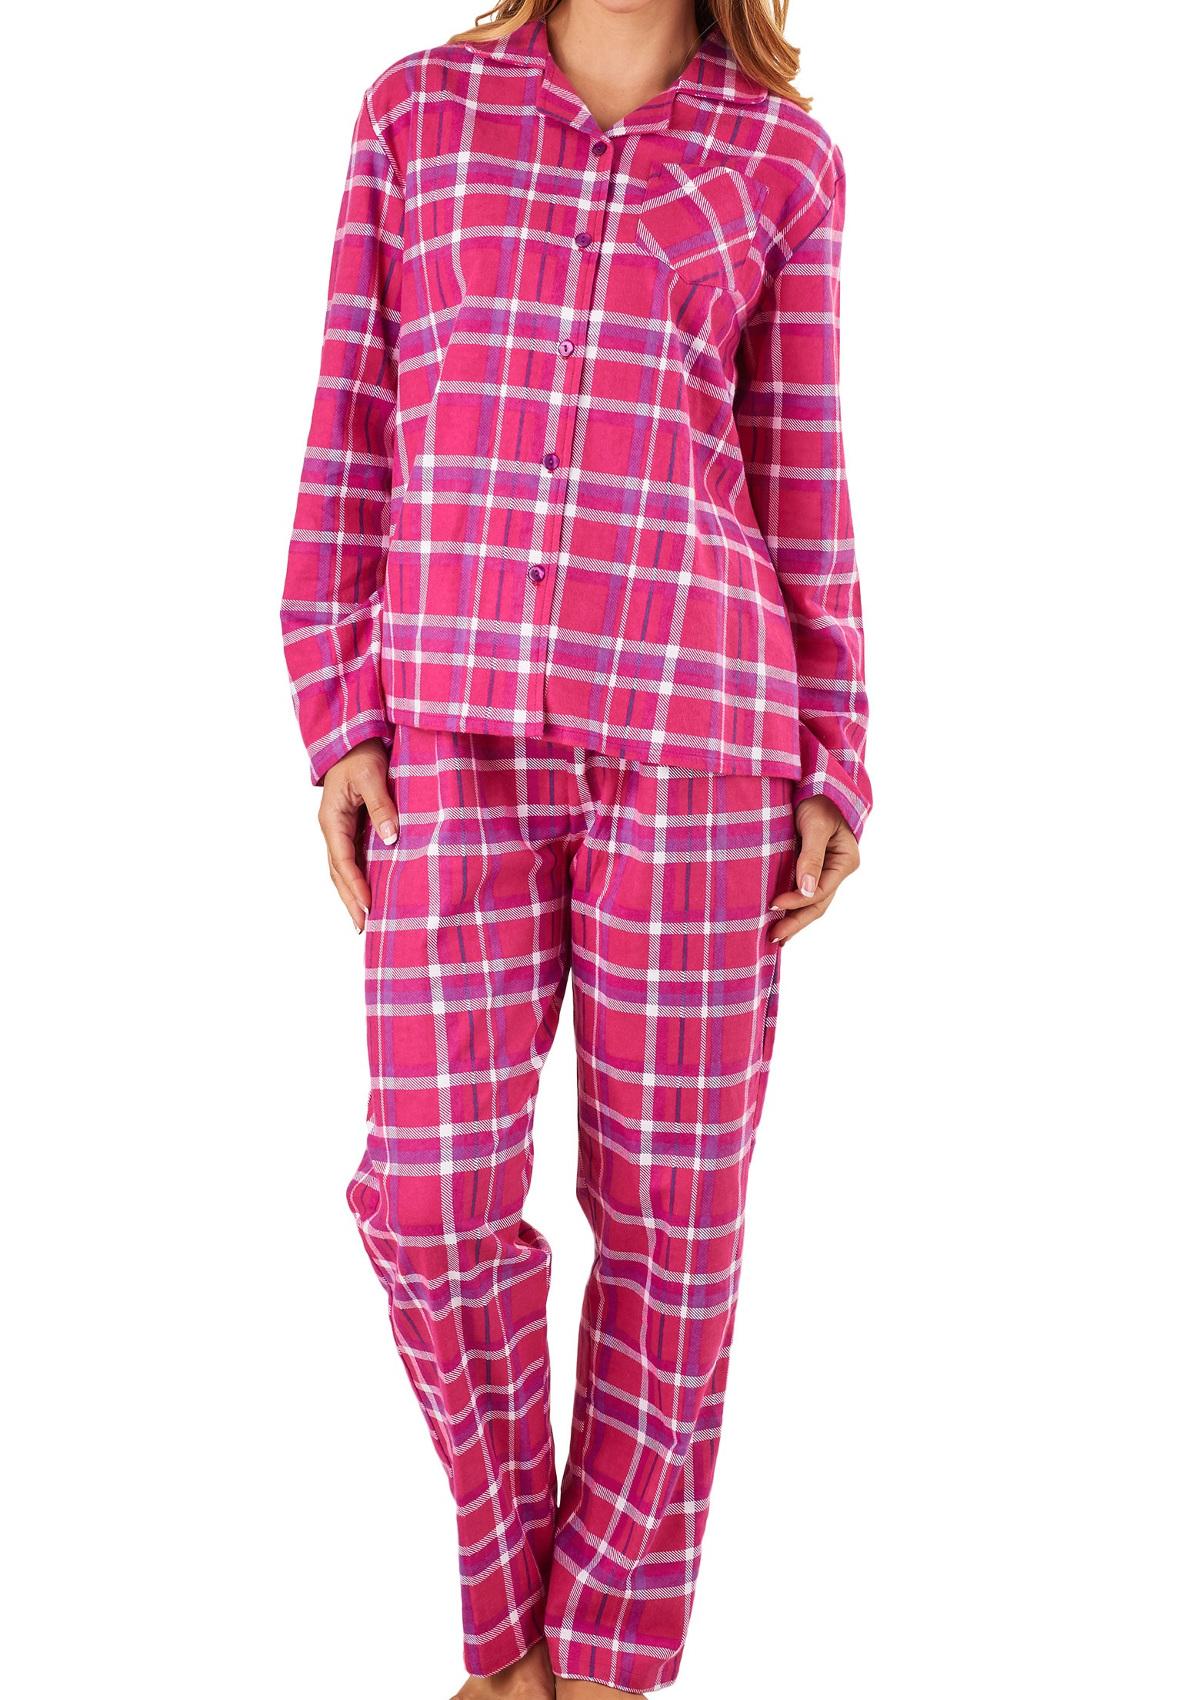 Pyjamas Ladies Slenderella 100 Brushed Cotton Pjs Set